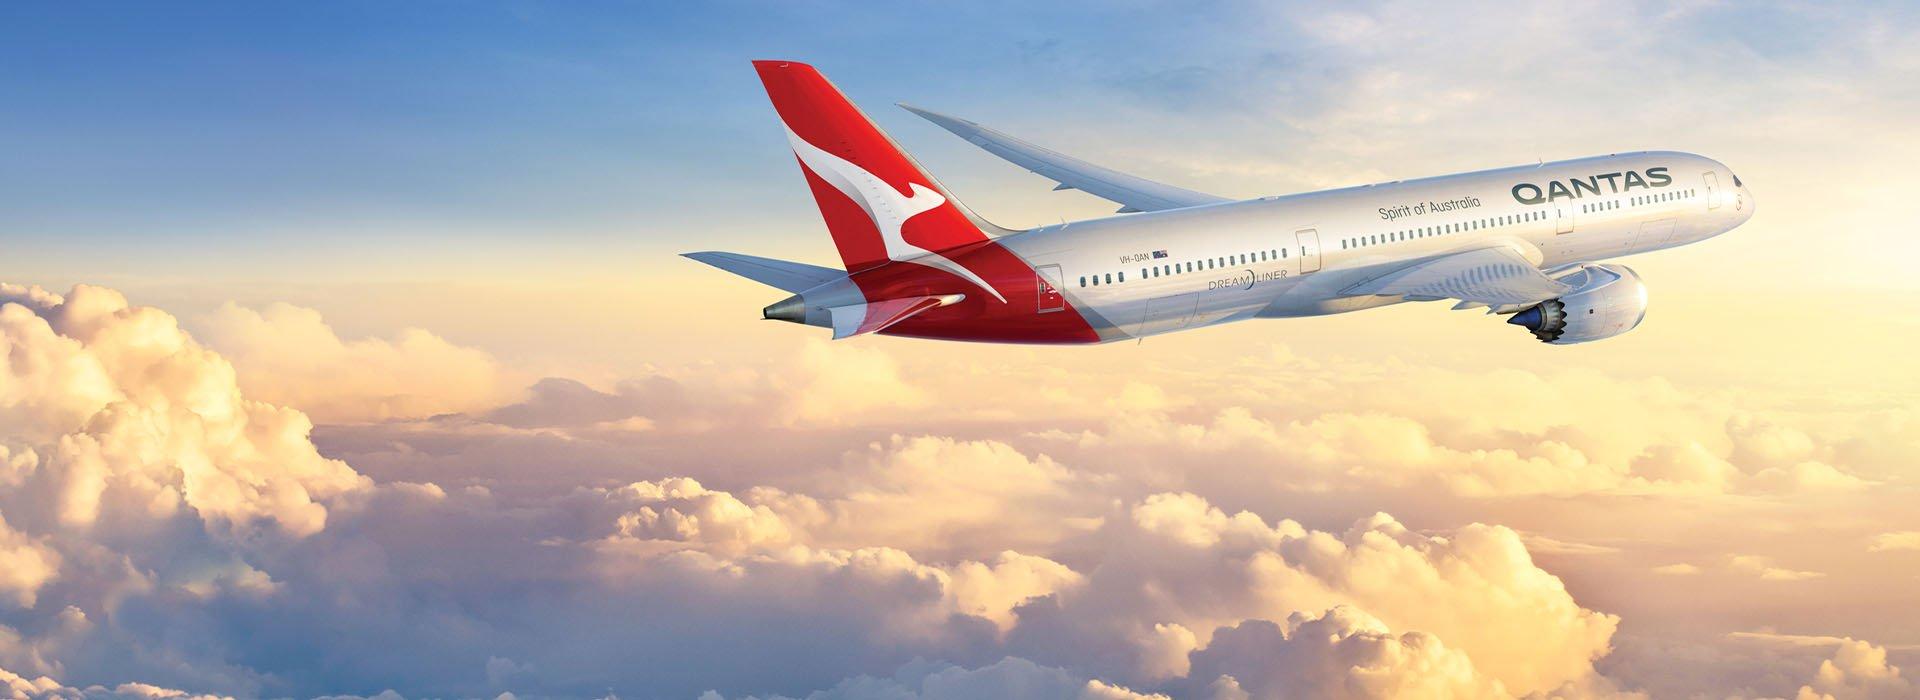 qantas_plane